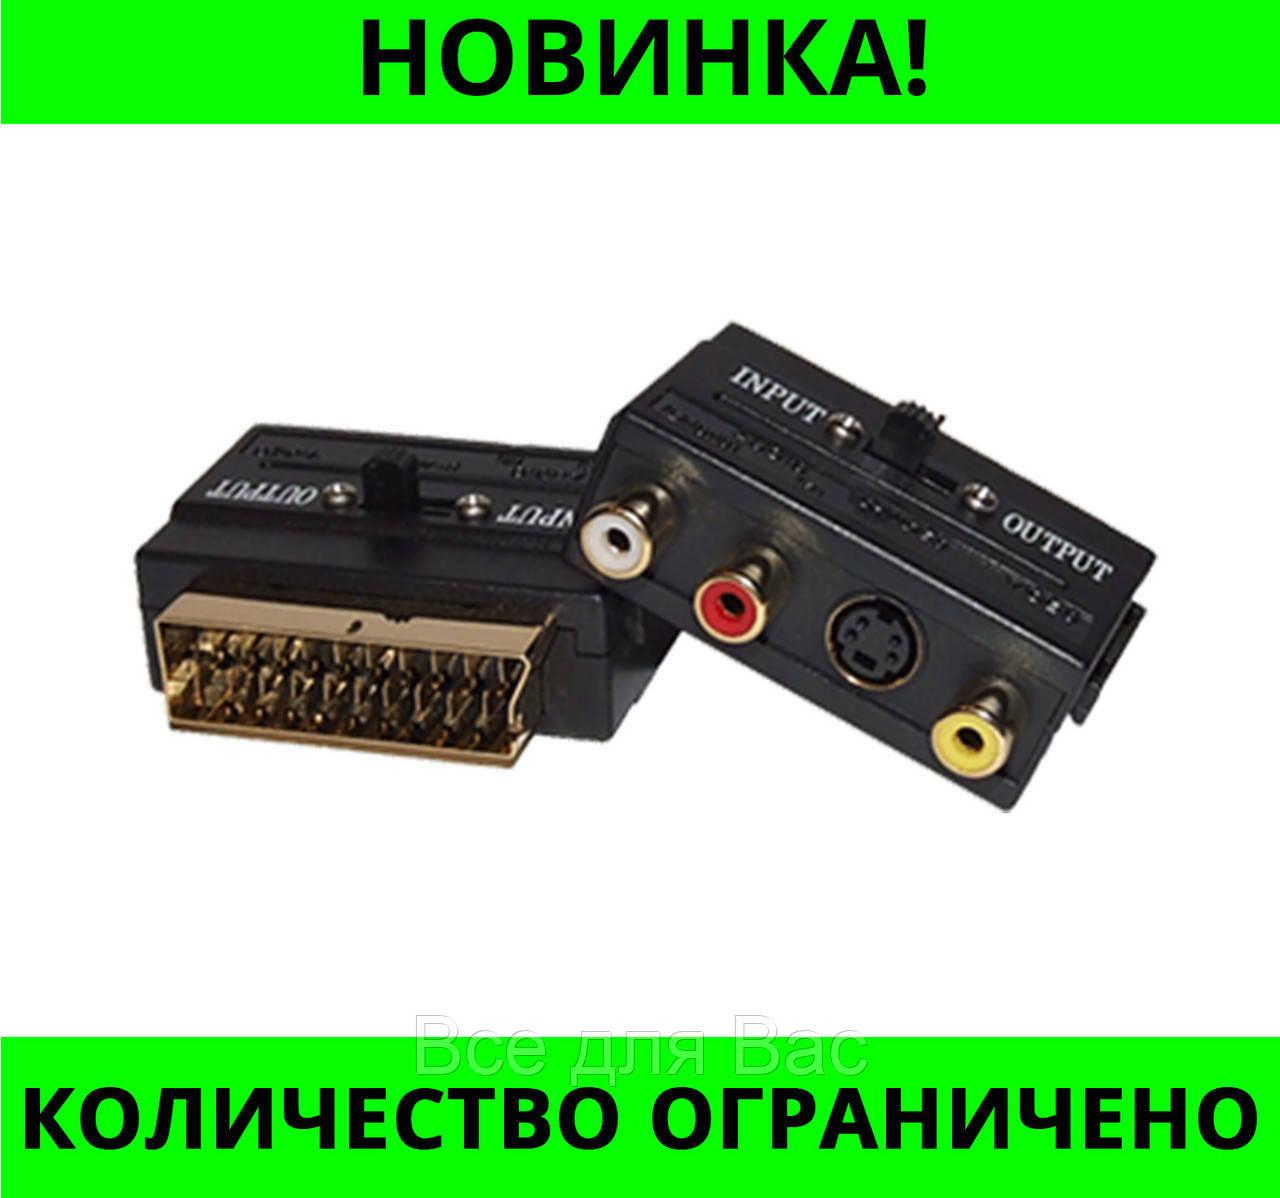 Переходник 3009 переходник-адаптер scart с переключателем in/out!Розница и Опт